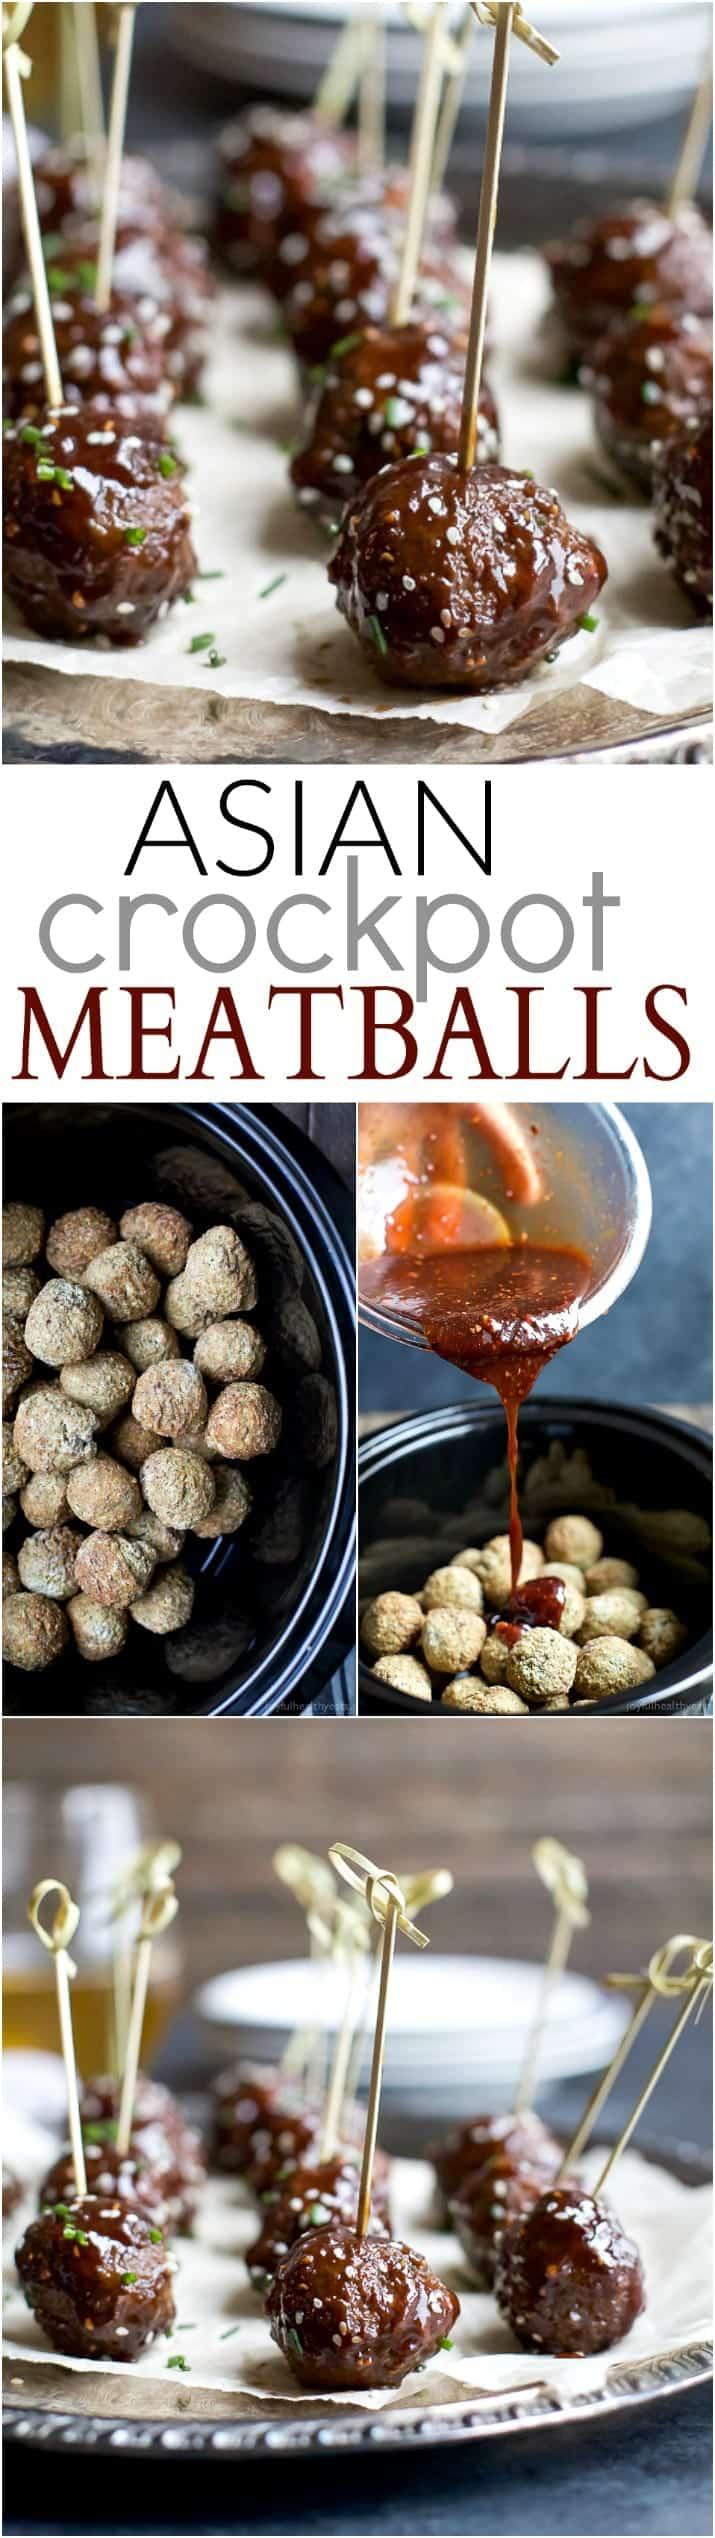 Asian Crockpot Meatballs Recipe